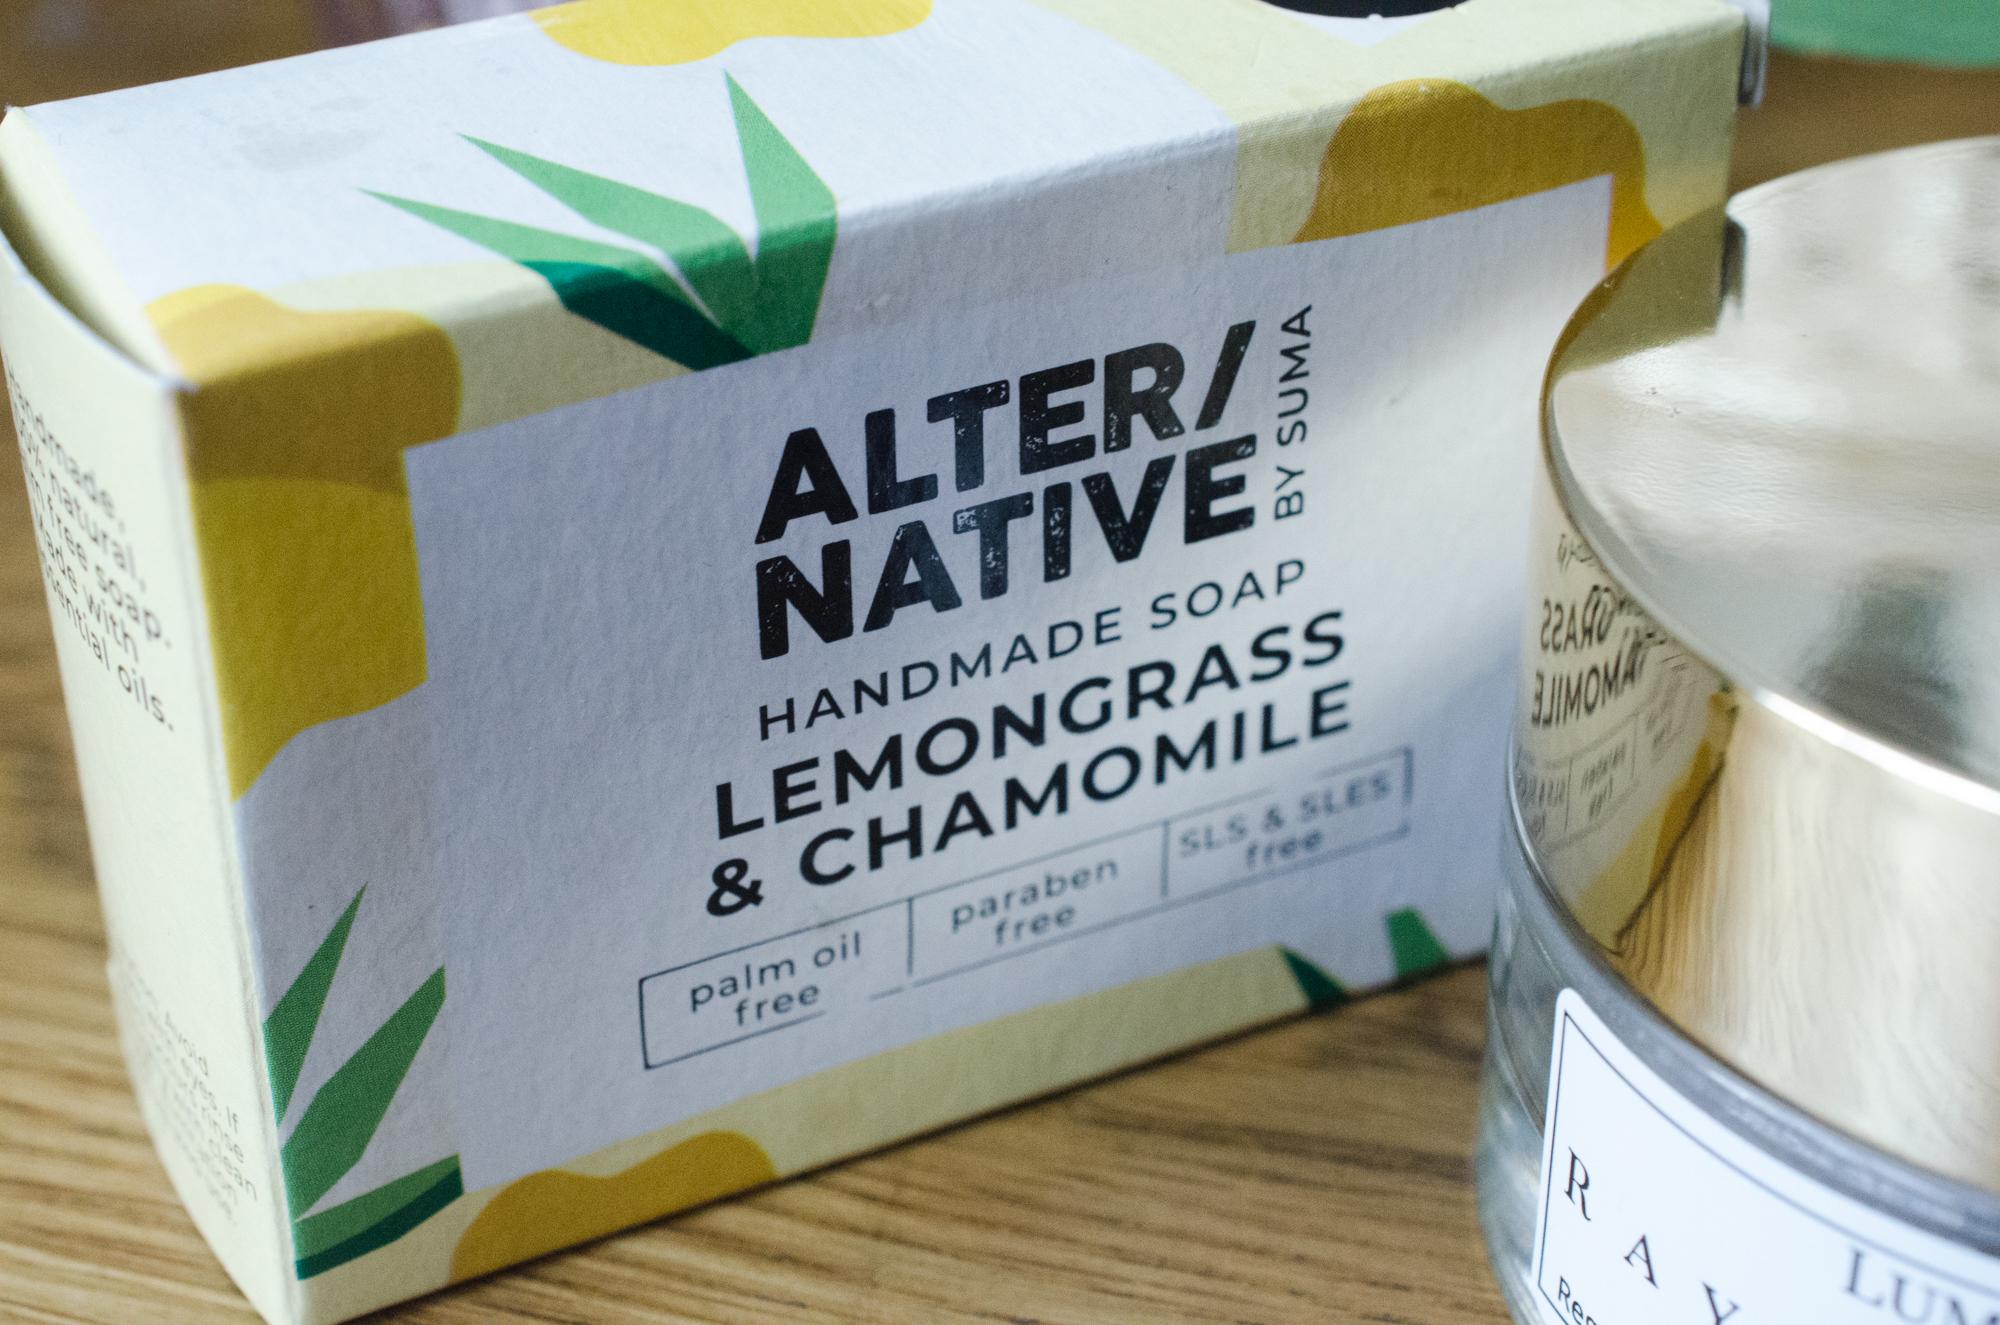 Alter/native Lemongrass & Chamomile Soap